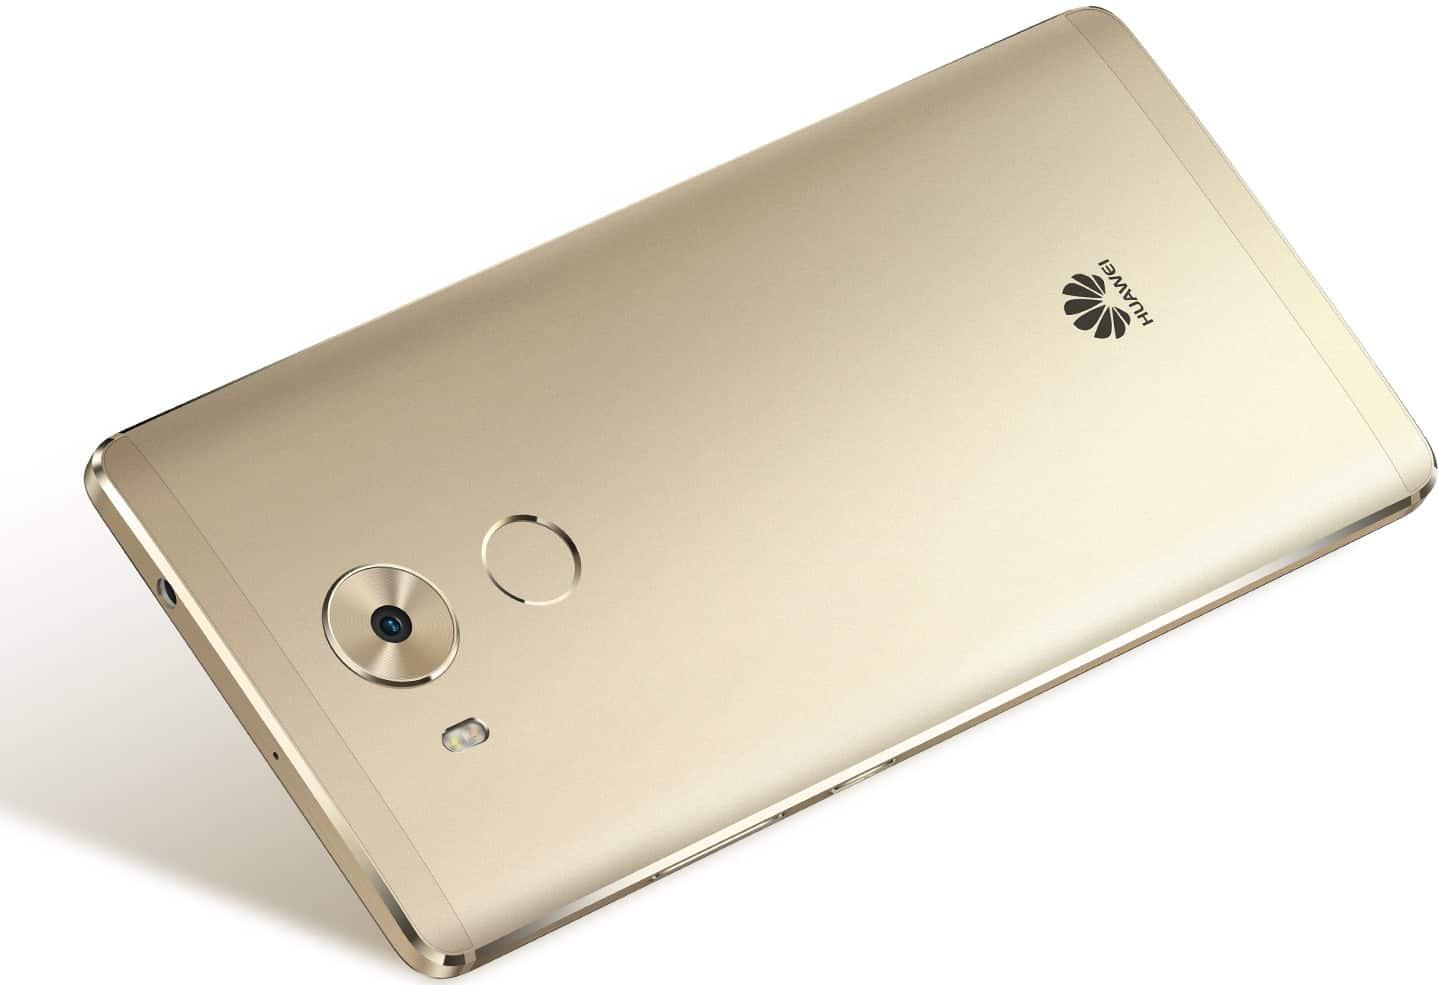 Huawei Mate 8 10